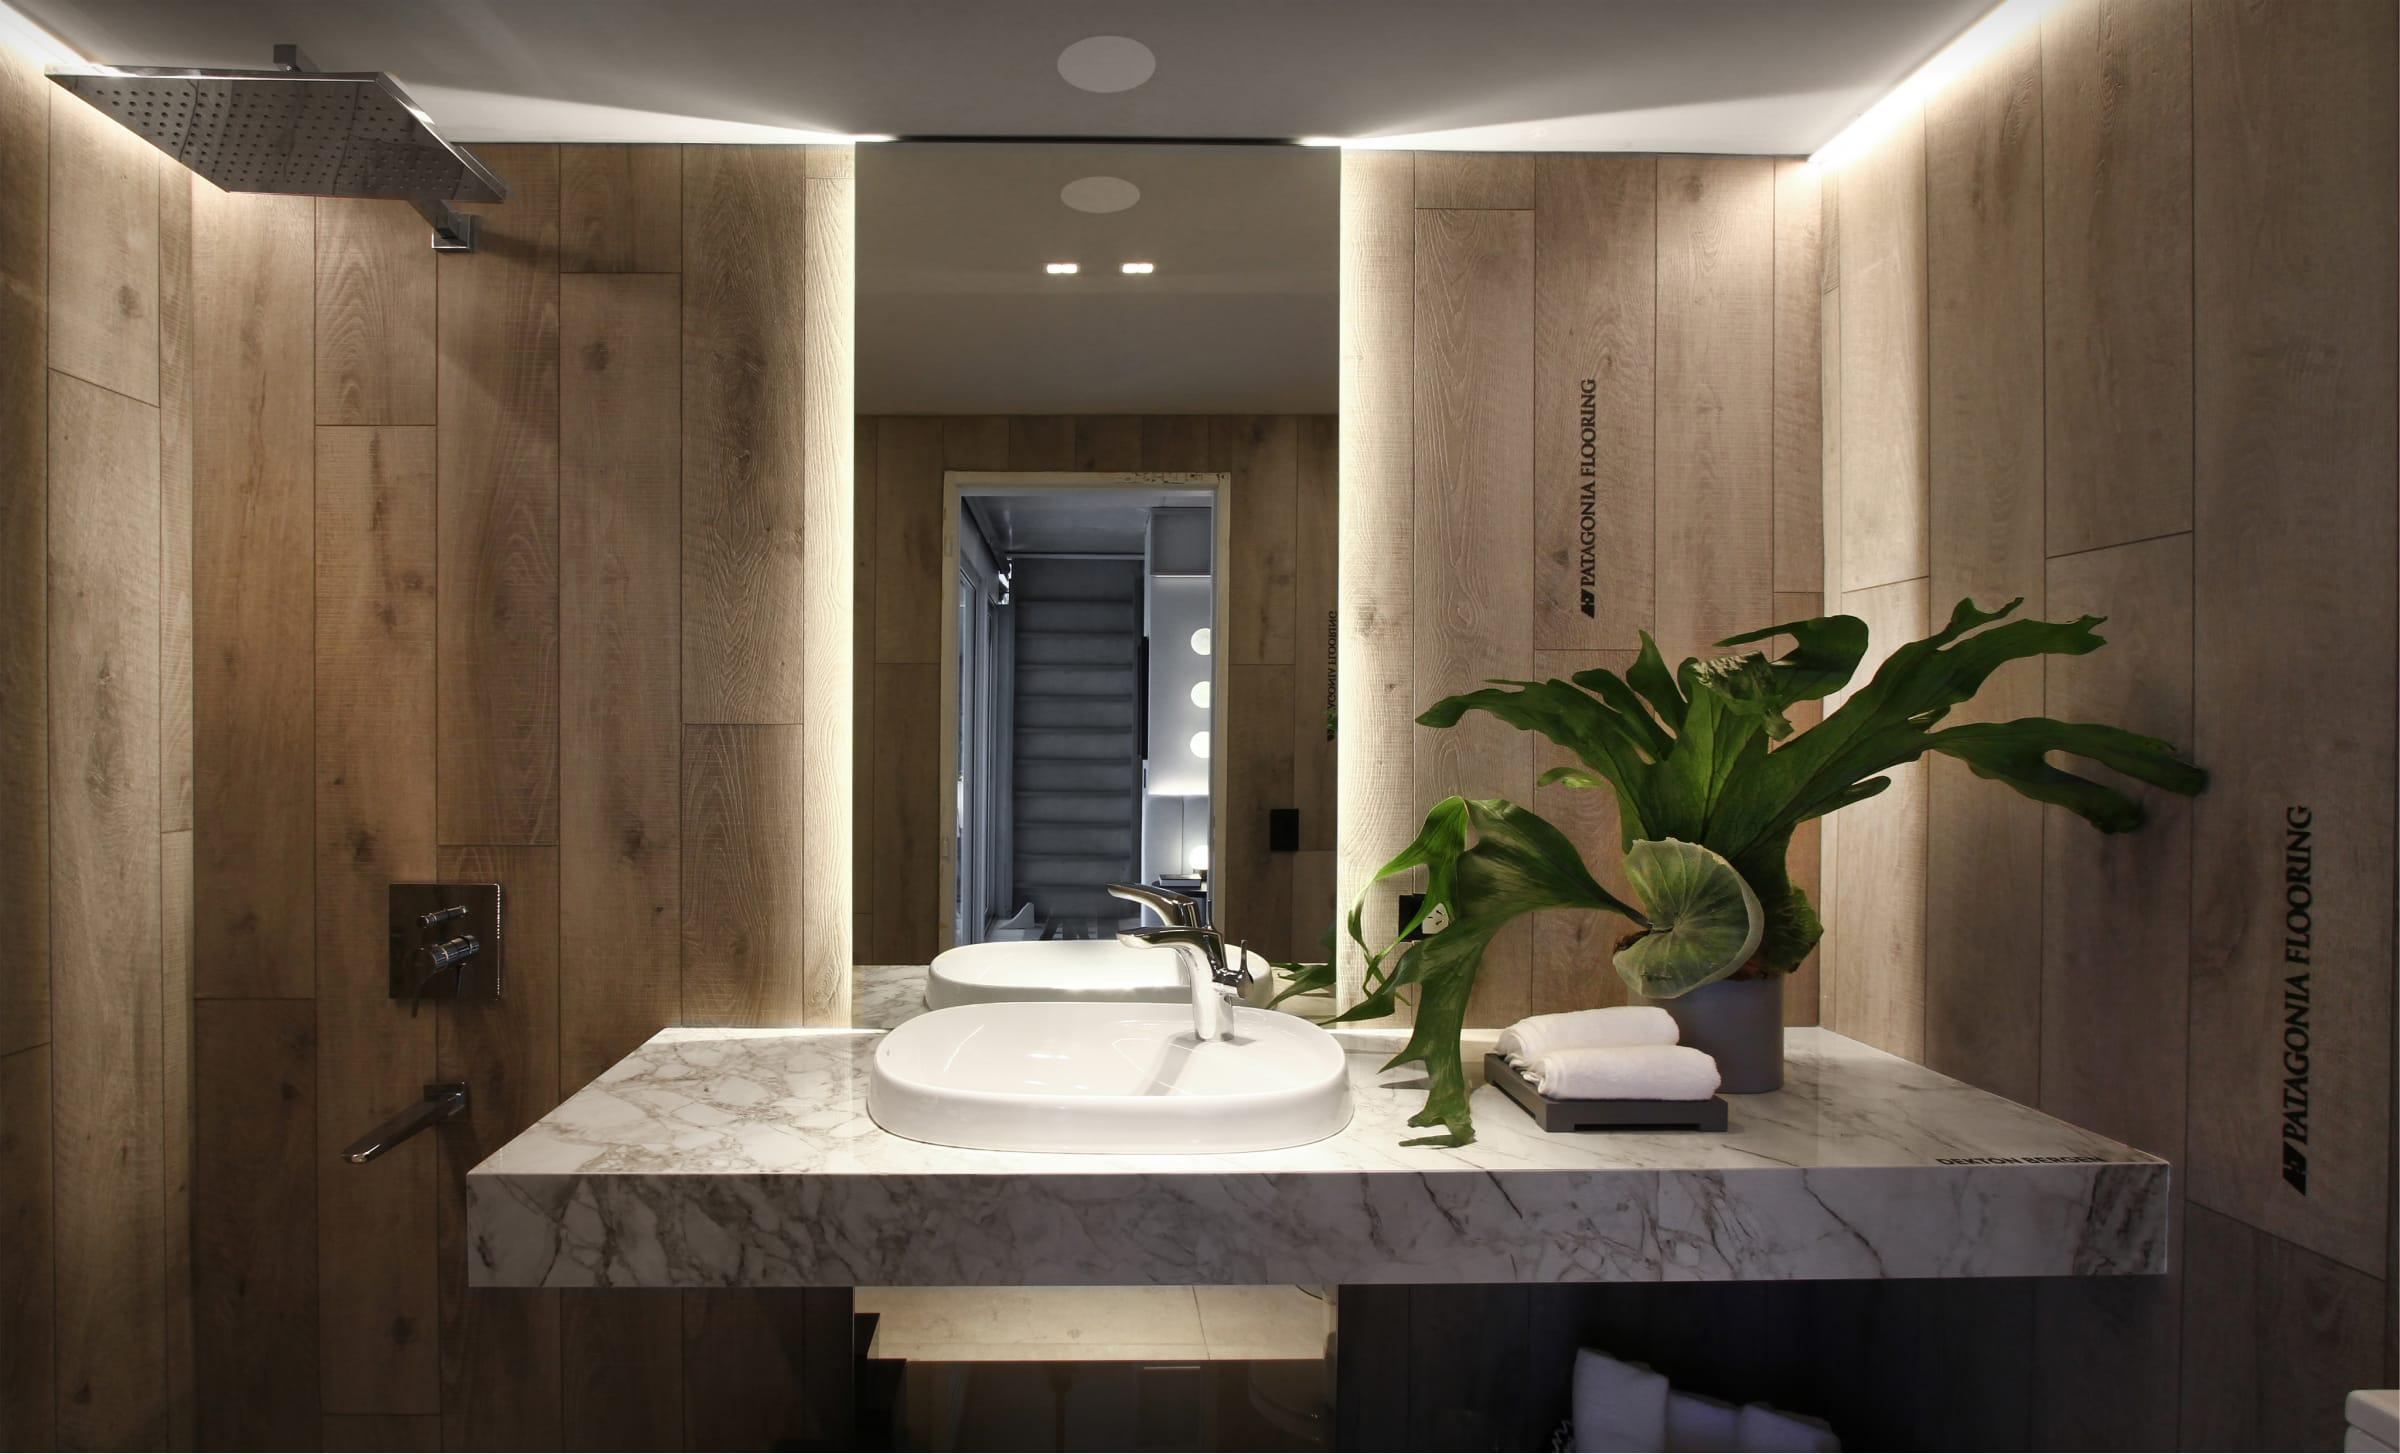 El revestimiento de madera resistente a la humedad, hasta en la ducha (Patagonia Flooring, Fusion Vinilum Ash Oak).